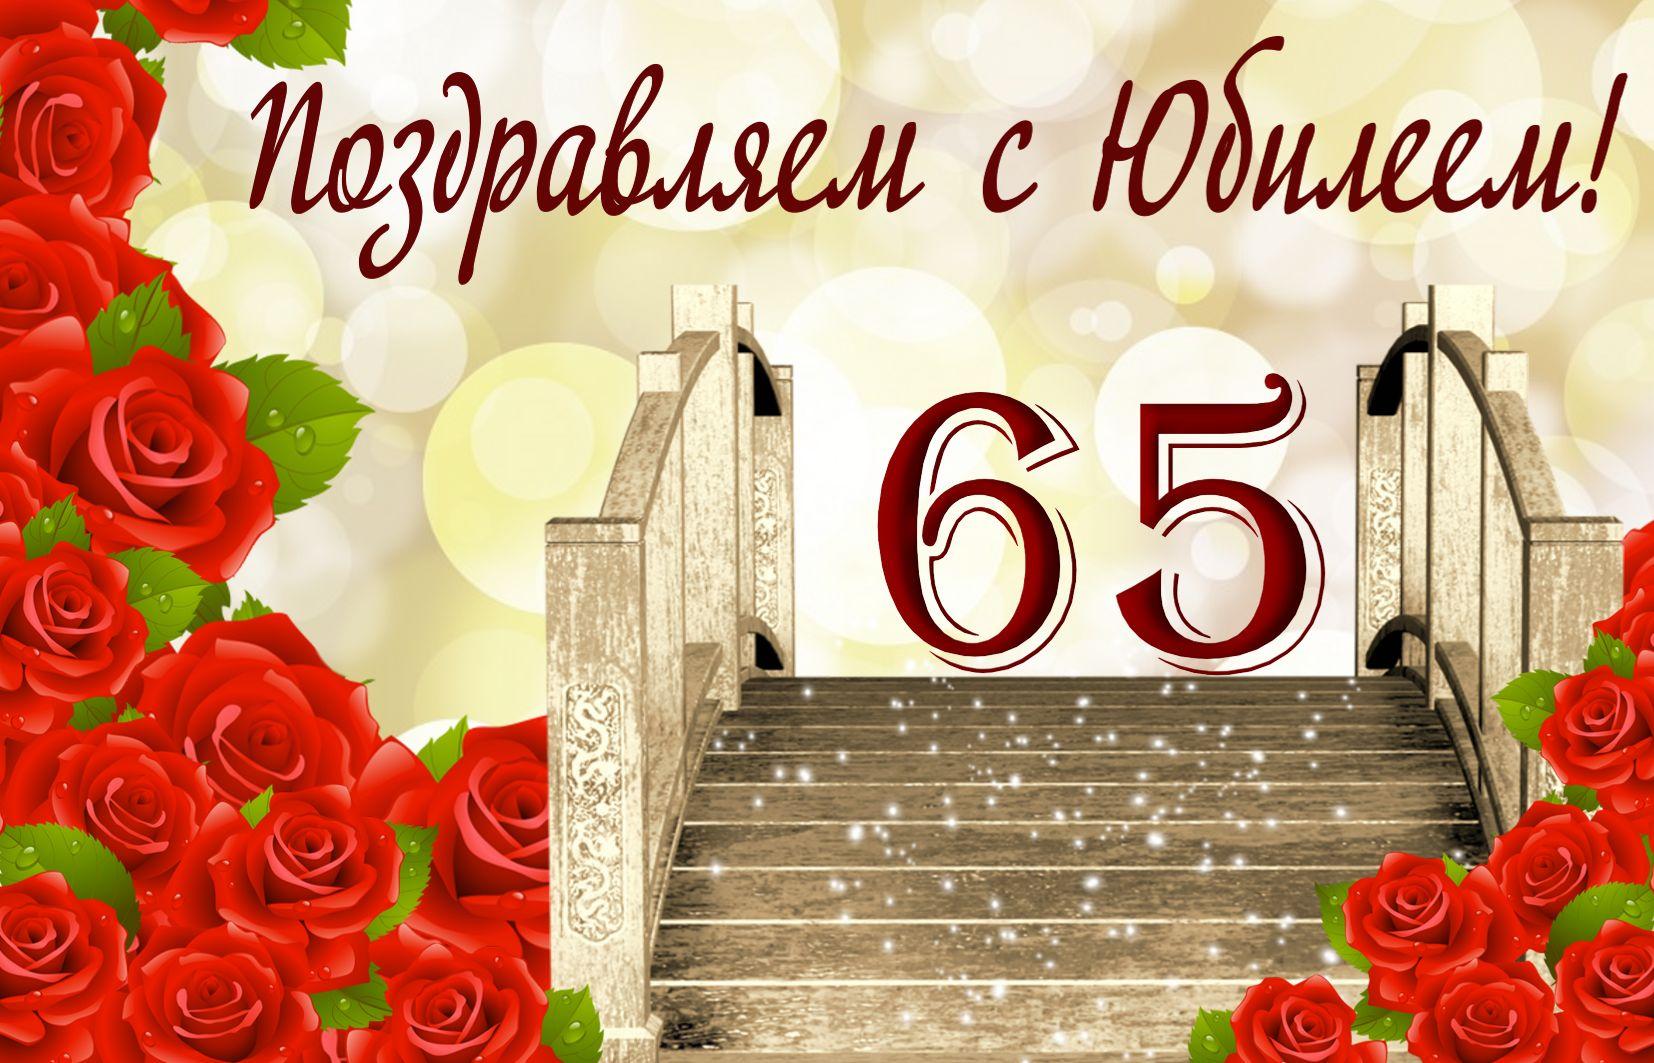 Открытка на юбилей 65 лет - мостик в блестках в окружении роз